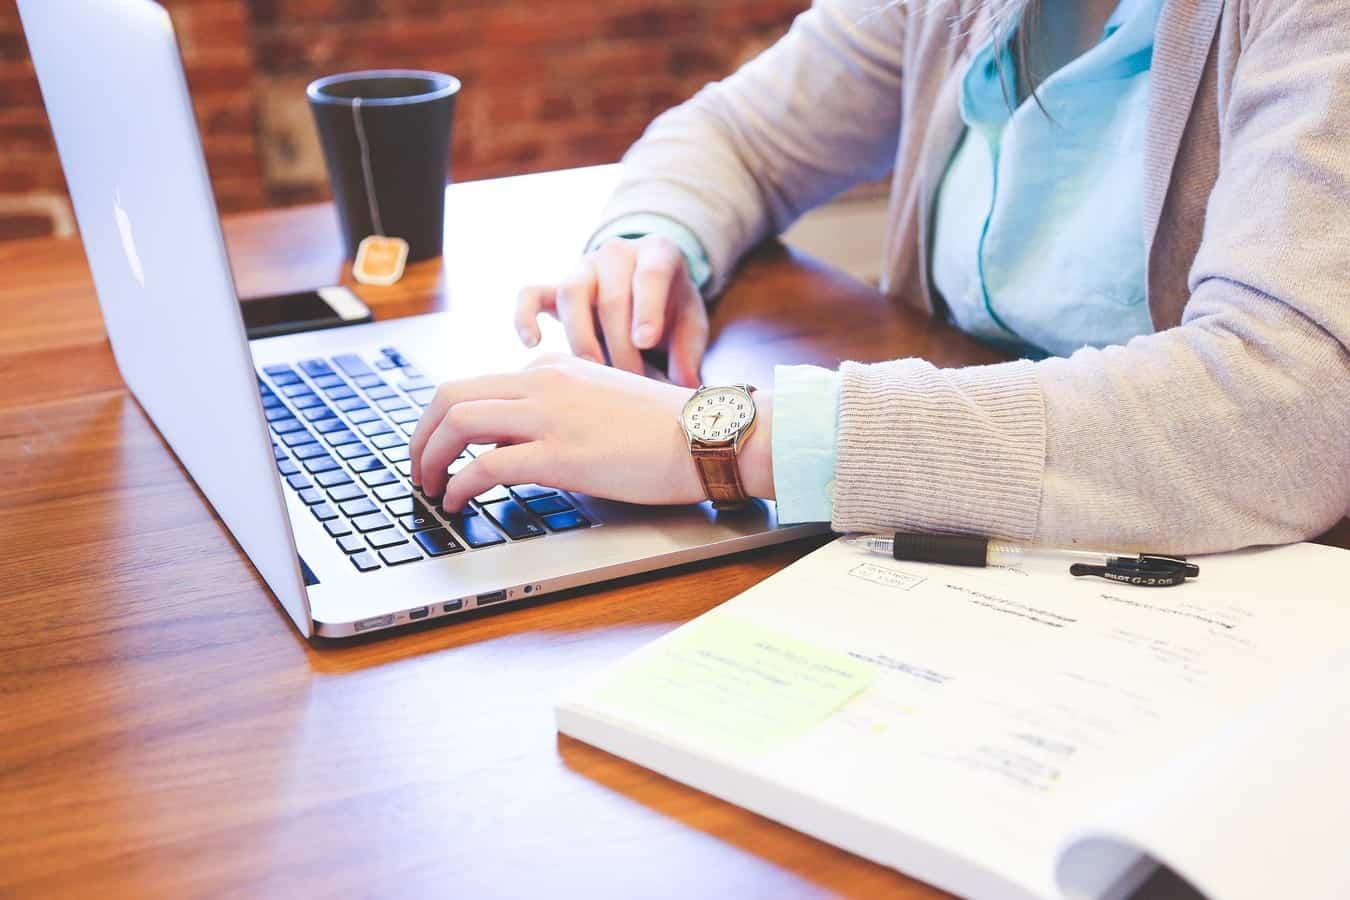 Laptop typing image 8948455598